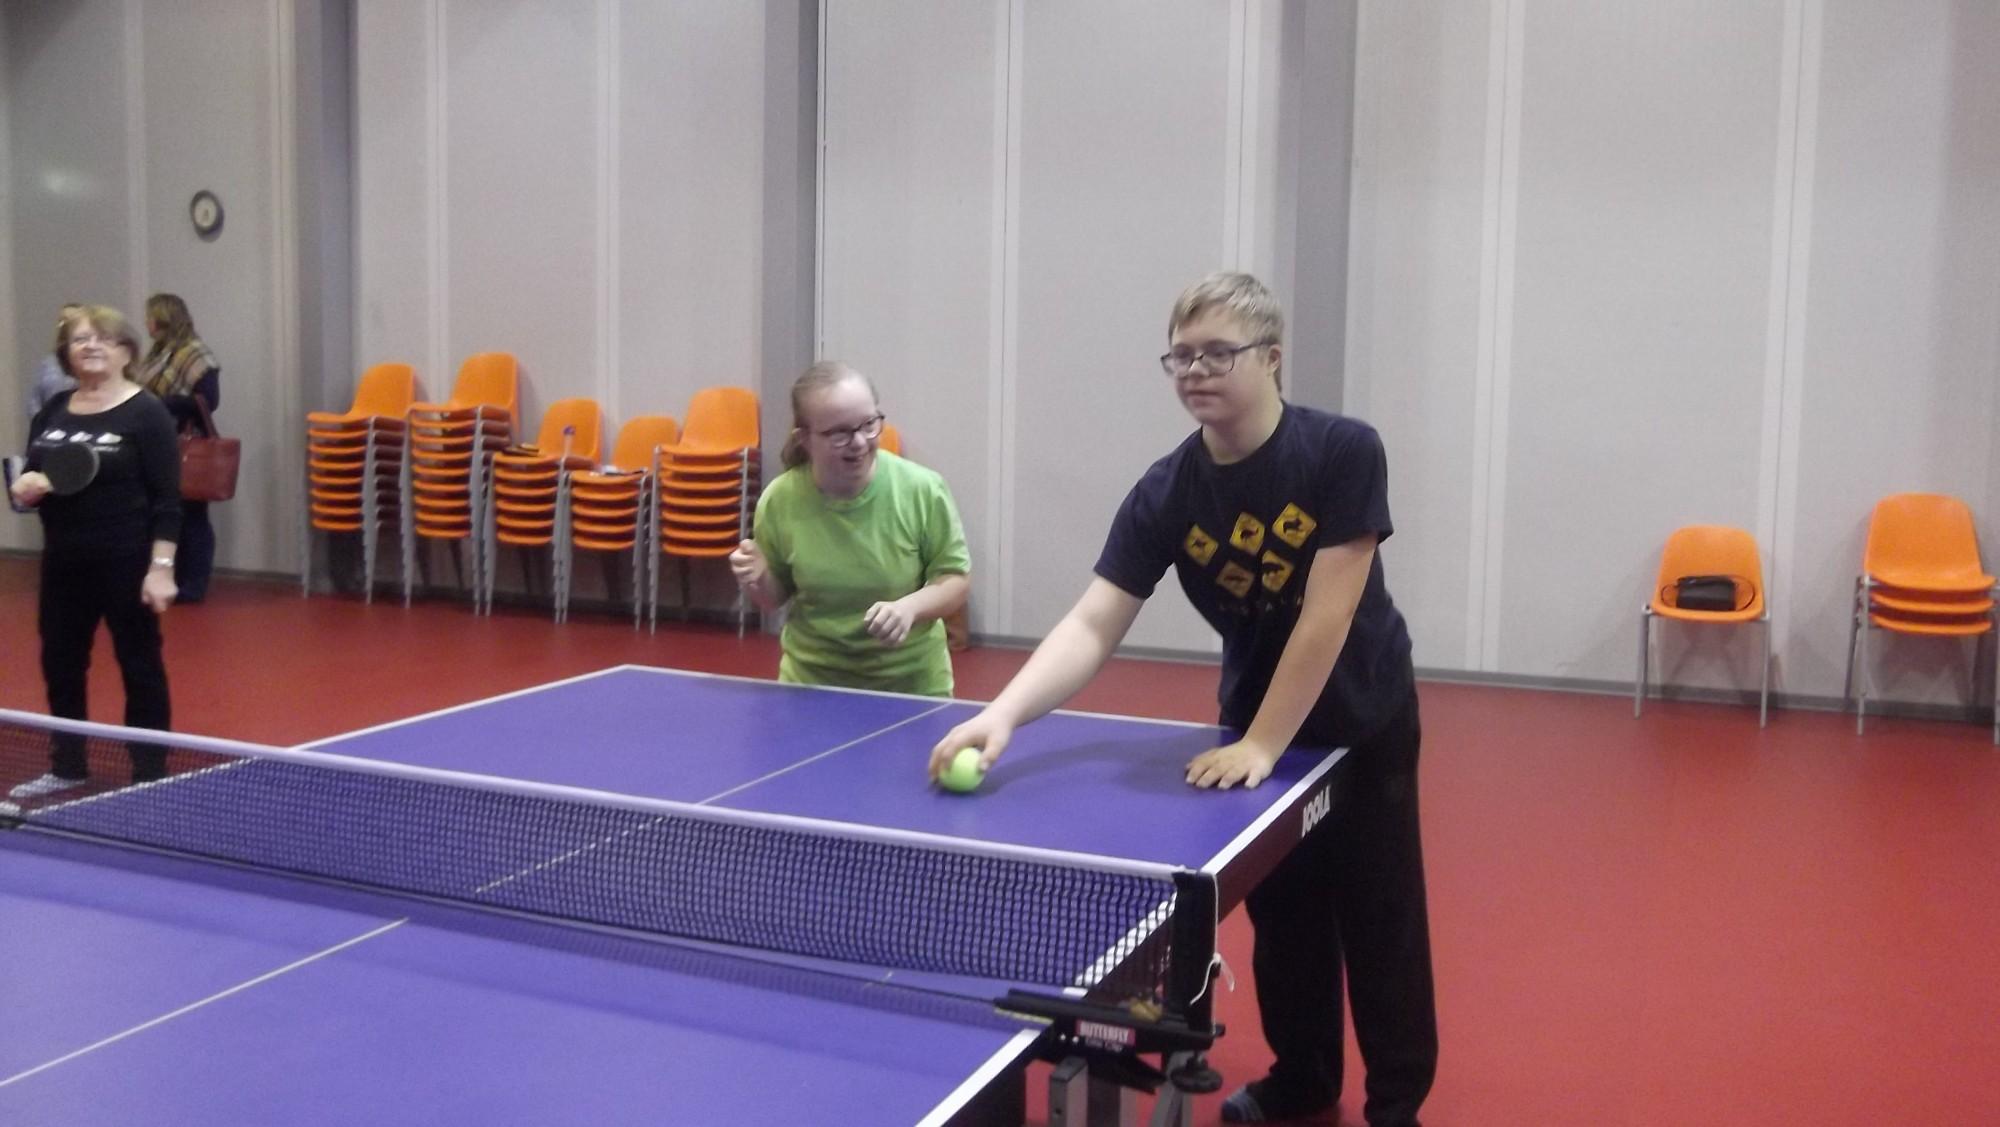 Norisināsies pingponga sporta festivāls bērniem un jauniešiem ar īpašām vajadzībām